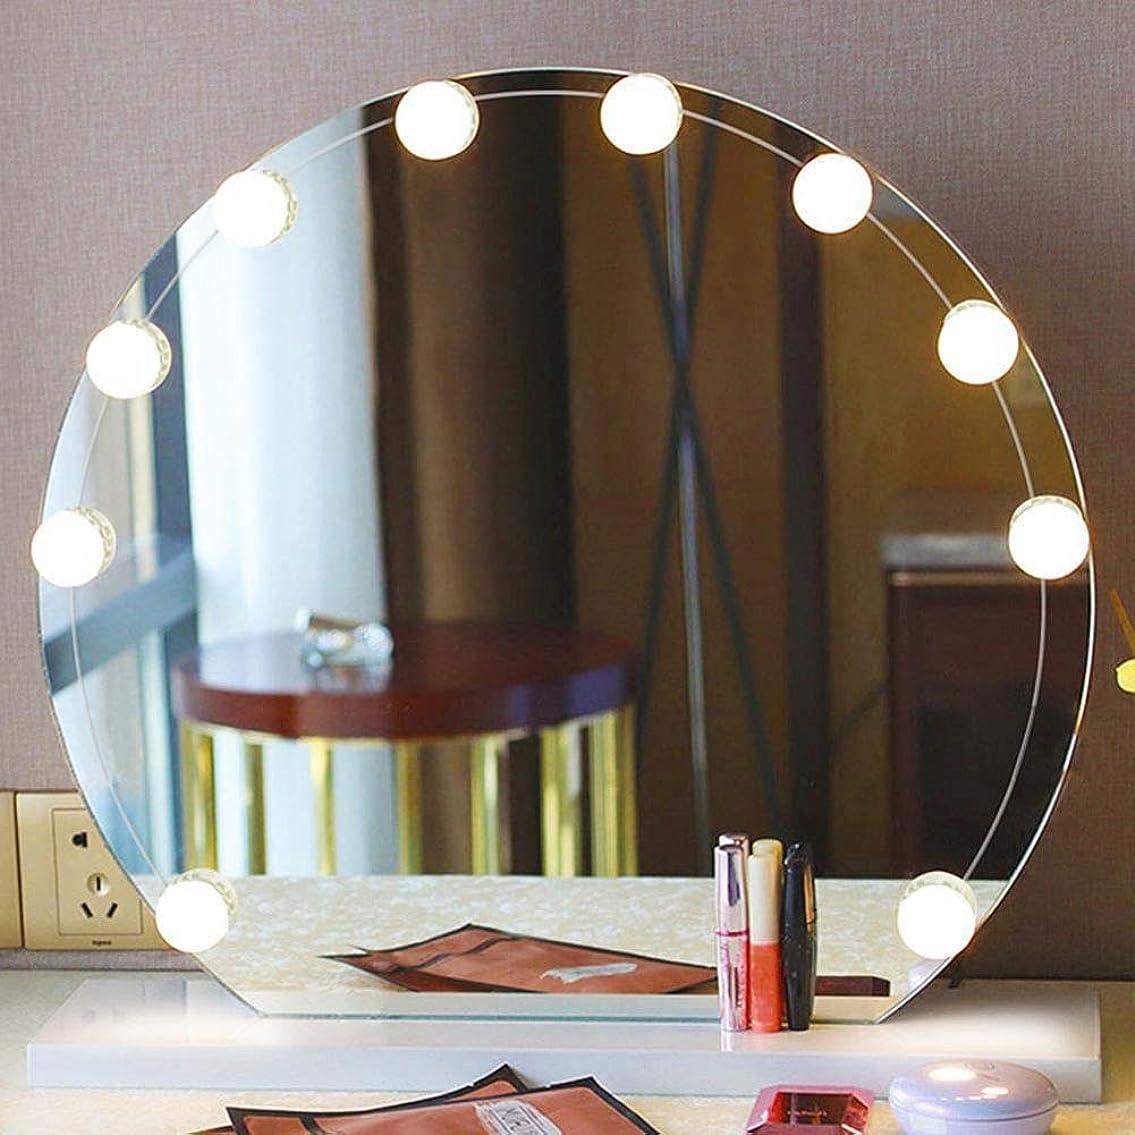 むき出しライド限定tiktok 女優ミラーライト 10個LED電球 USB給電 調光可能 ひもの長さも調整でき 化粧鏡ライト 10W 省エネ 取り付け便利 化粧台 美容室などに適用